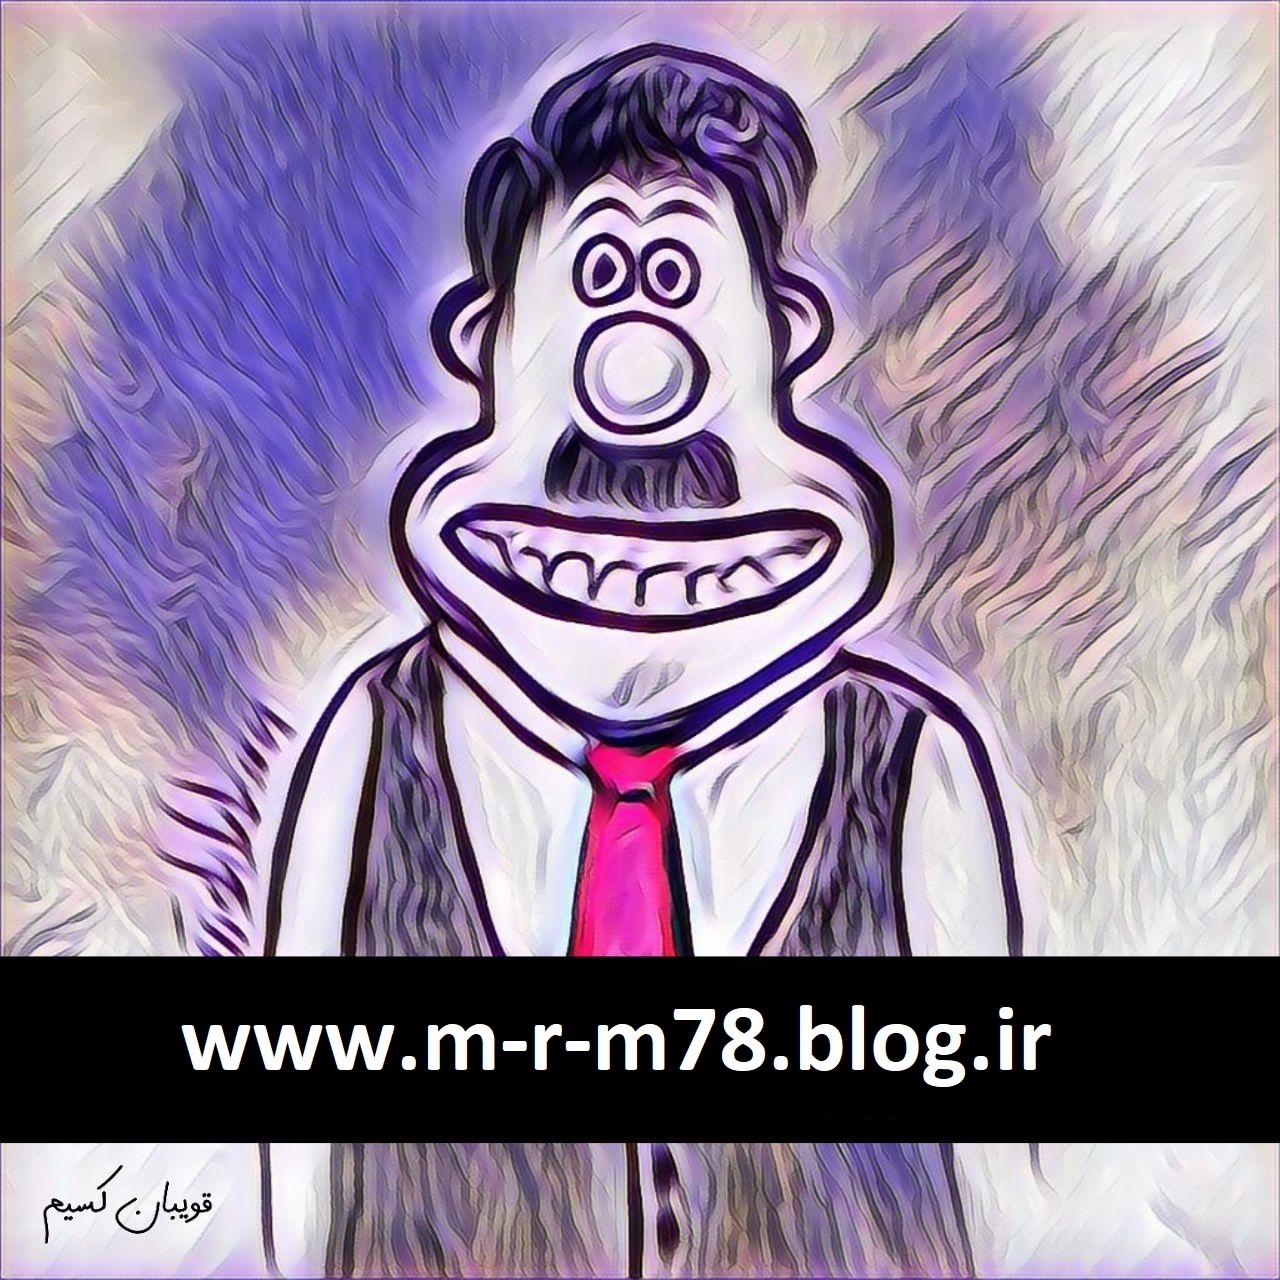 اهنگ فوق العاده شاد ممیش خان بنام حامام